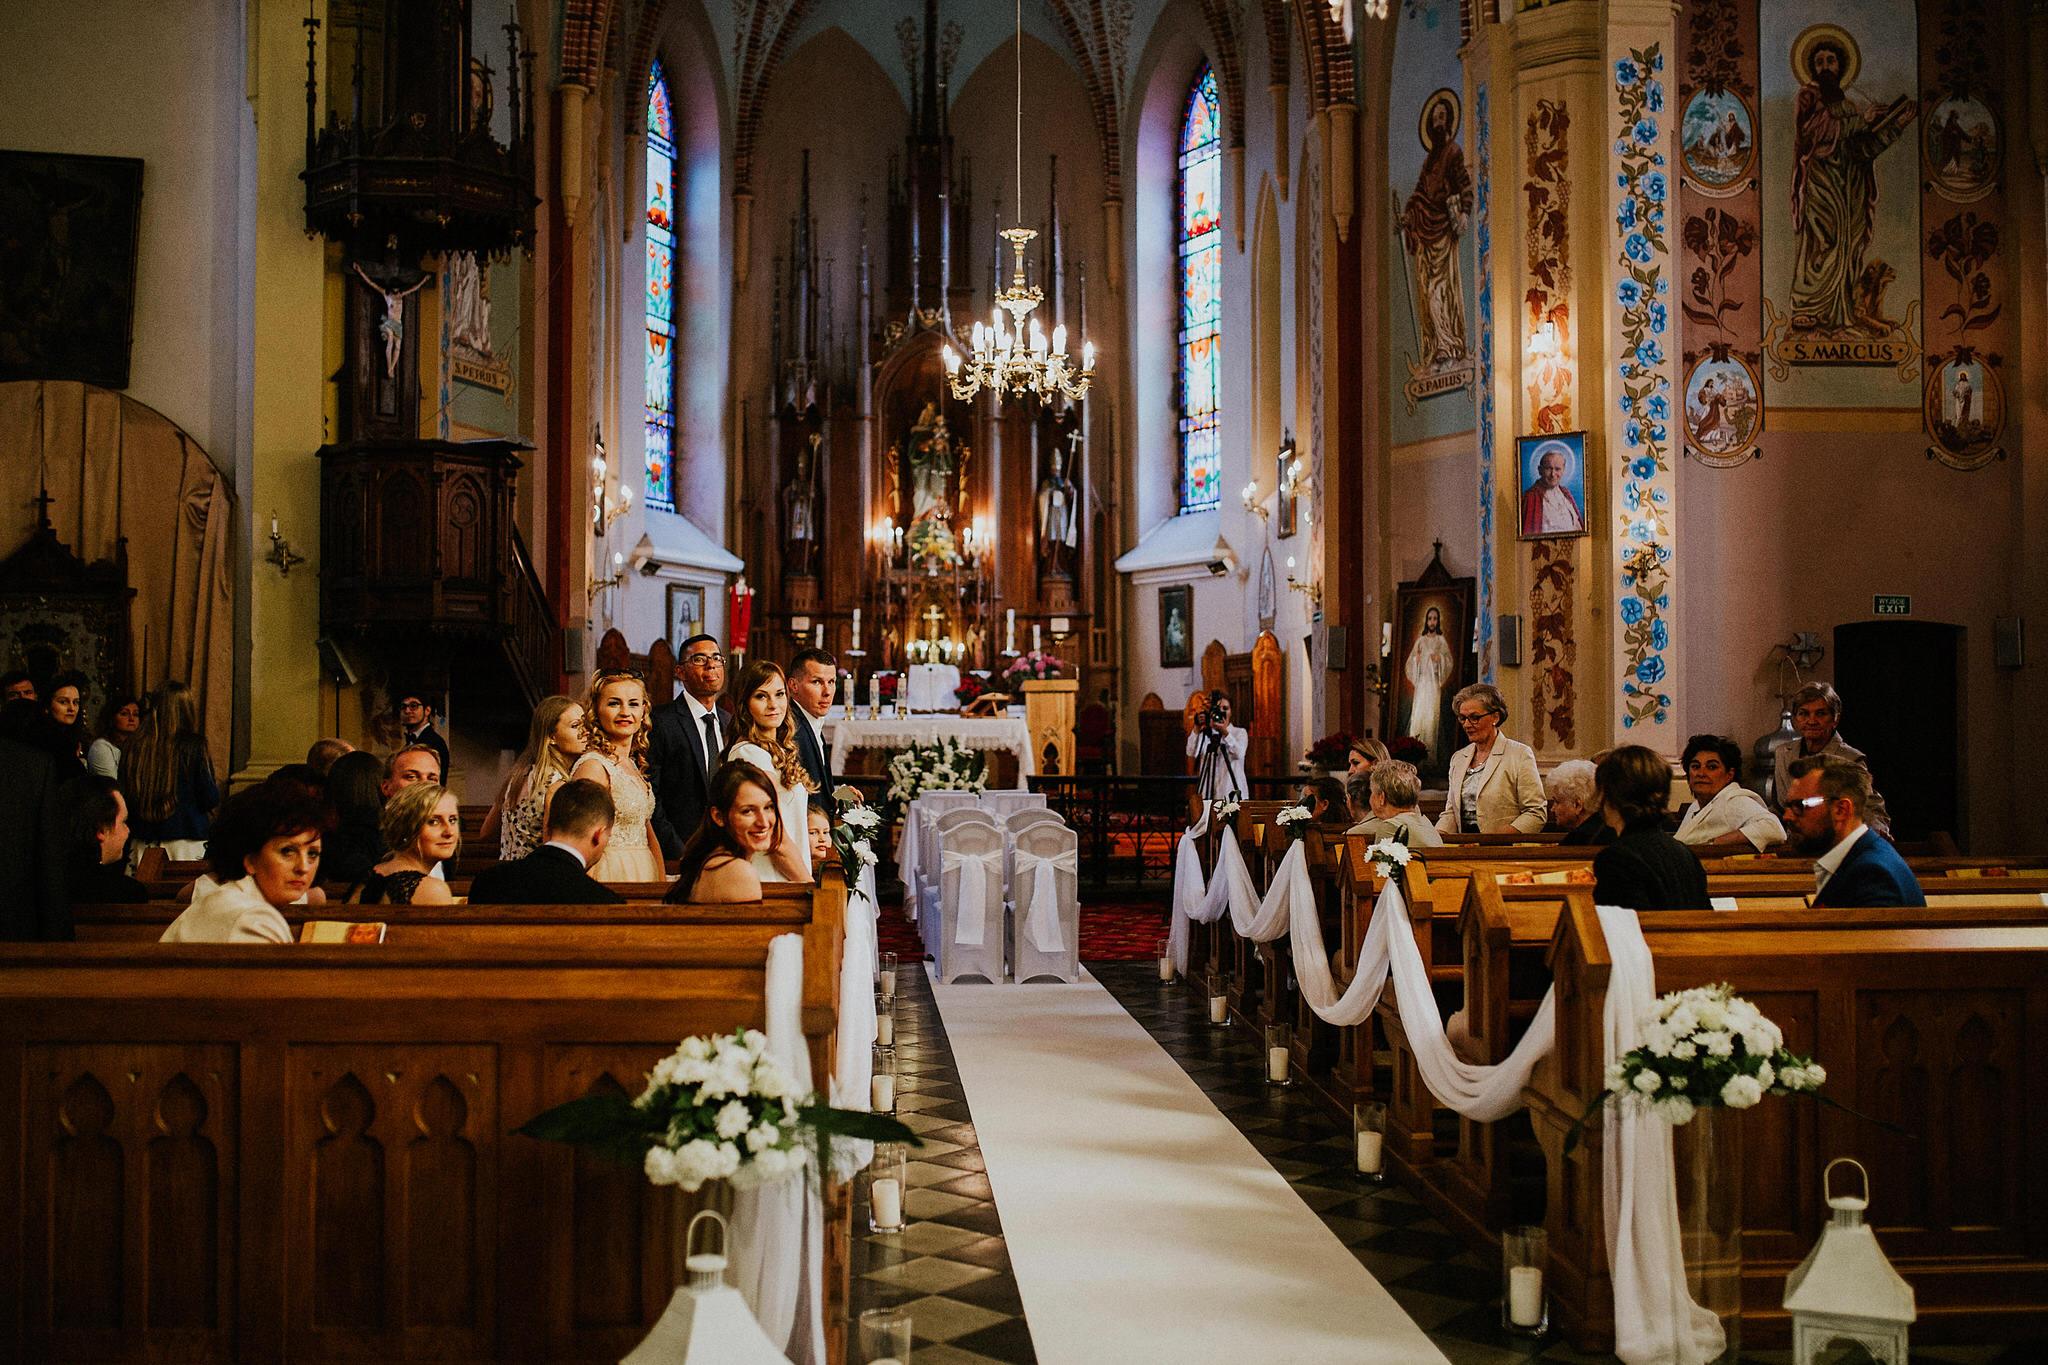 sandramarcin fotograf Karol Nycz www.karolnycz.com 224